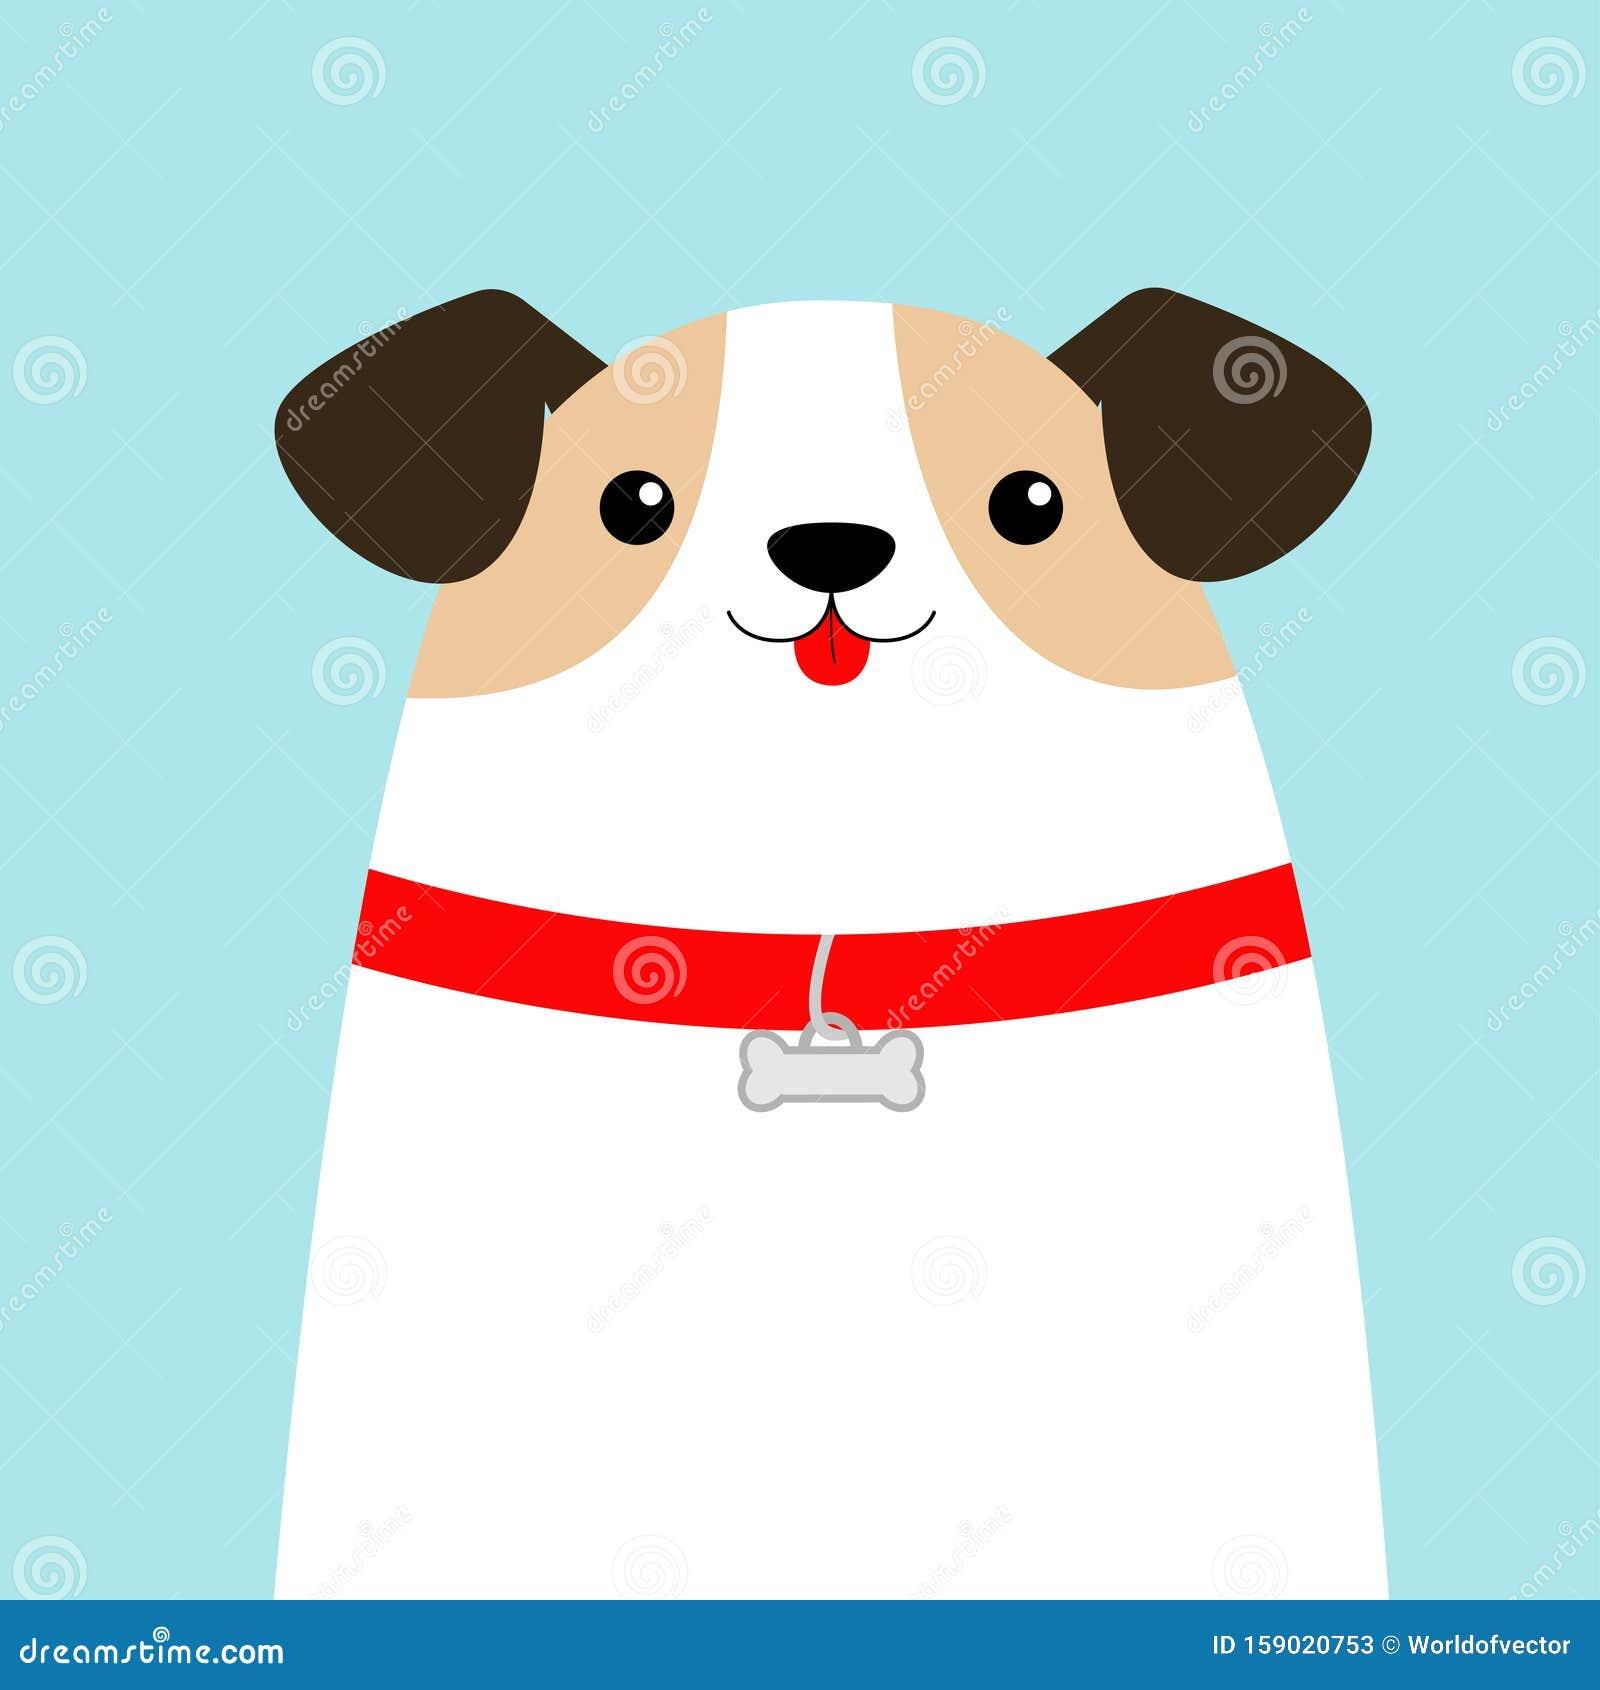 Cabeza De Cara De Perro Caca De Cachorro Blanco Hueso De Cuello Rojo Caricatura Curada Kawaii Personaje Gracioso De Beba C Esti Ilustracion Del Vector Ilustracion De Perro Esti 159020753